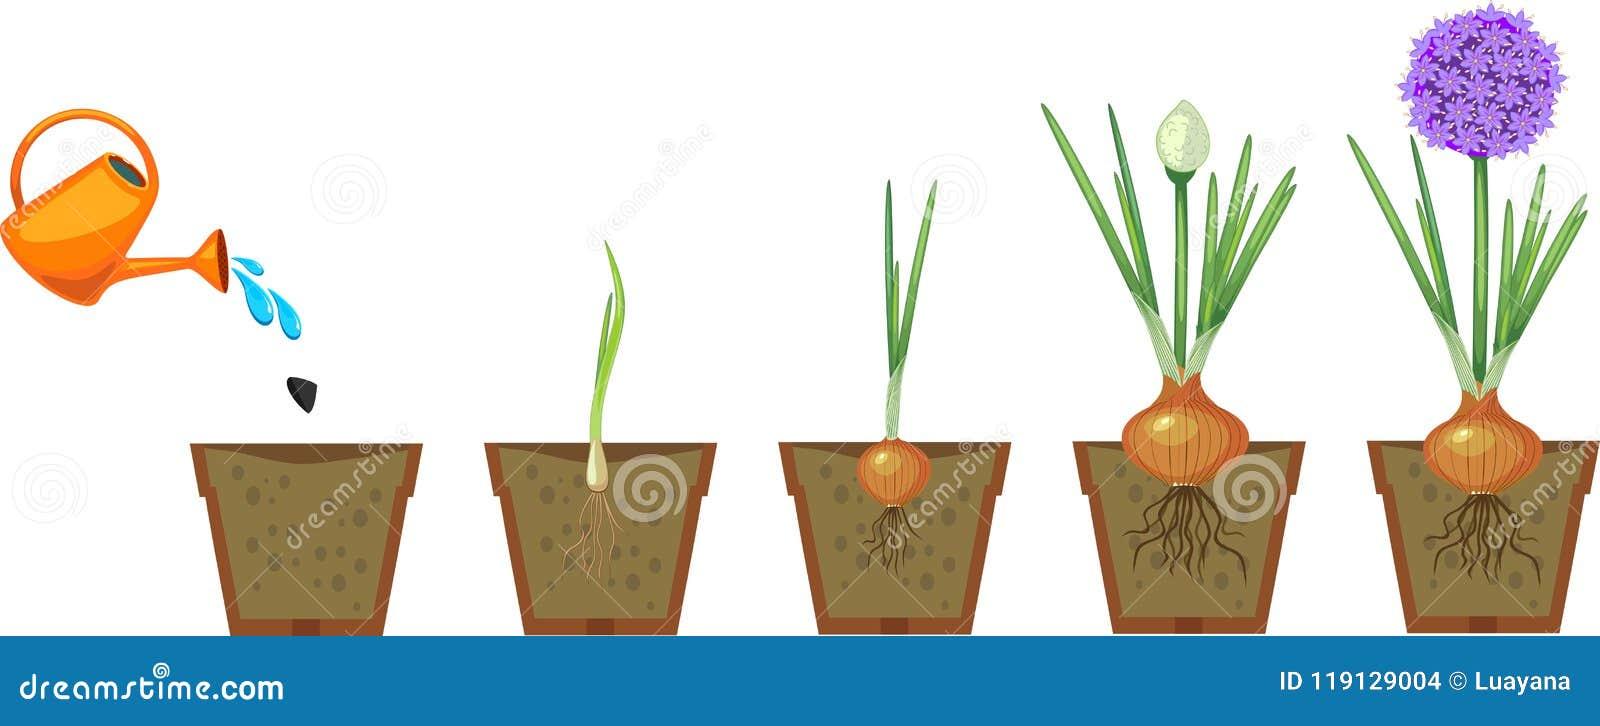 Στάδια της αύξησης κρεμμυδιών από το φυτό στο άνθισμα